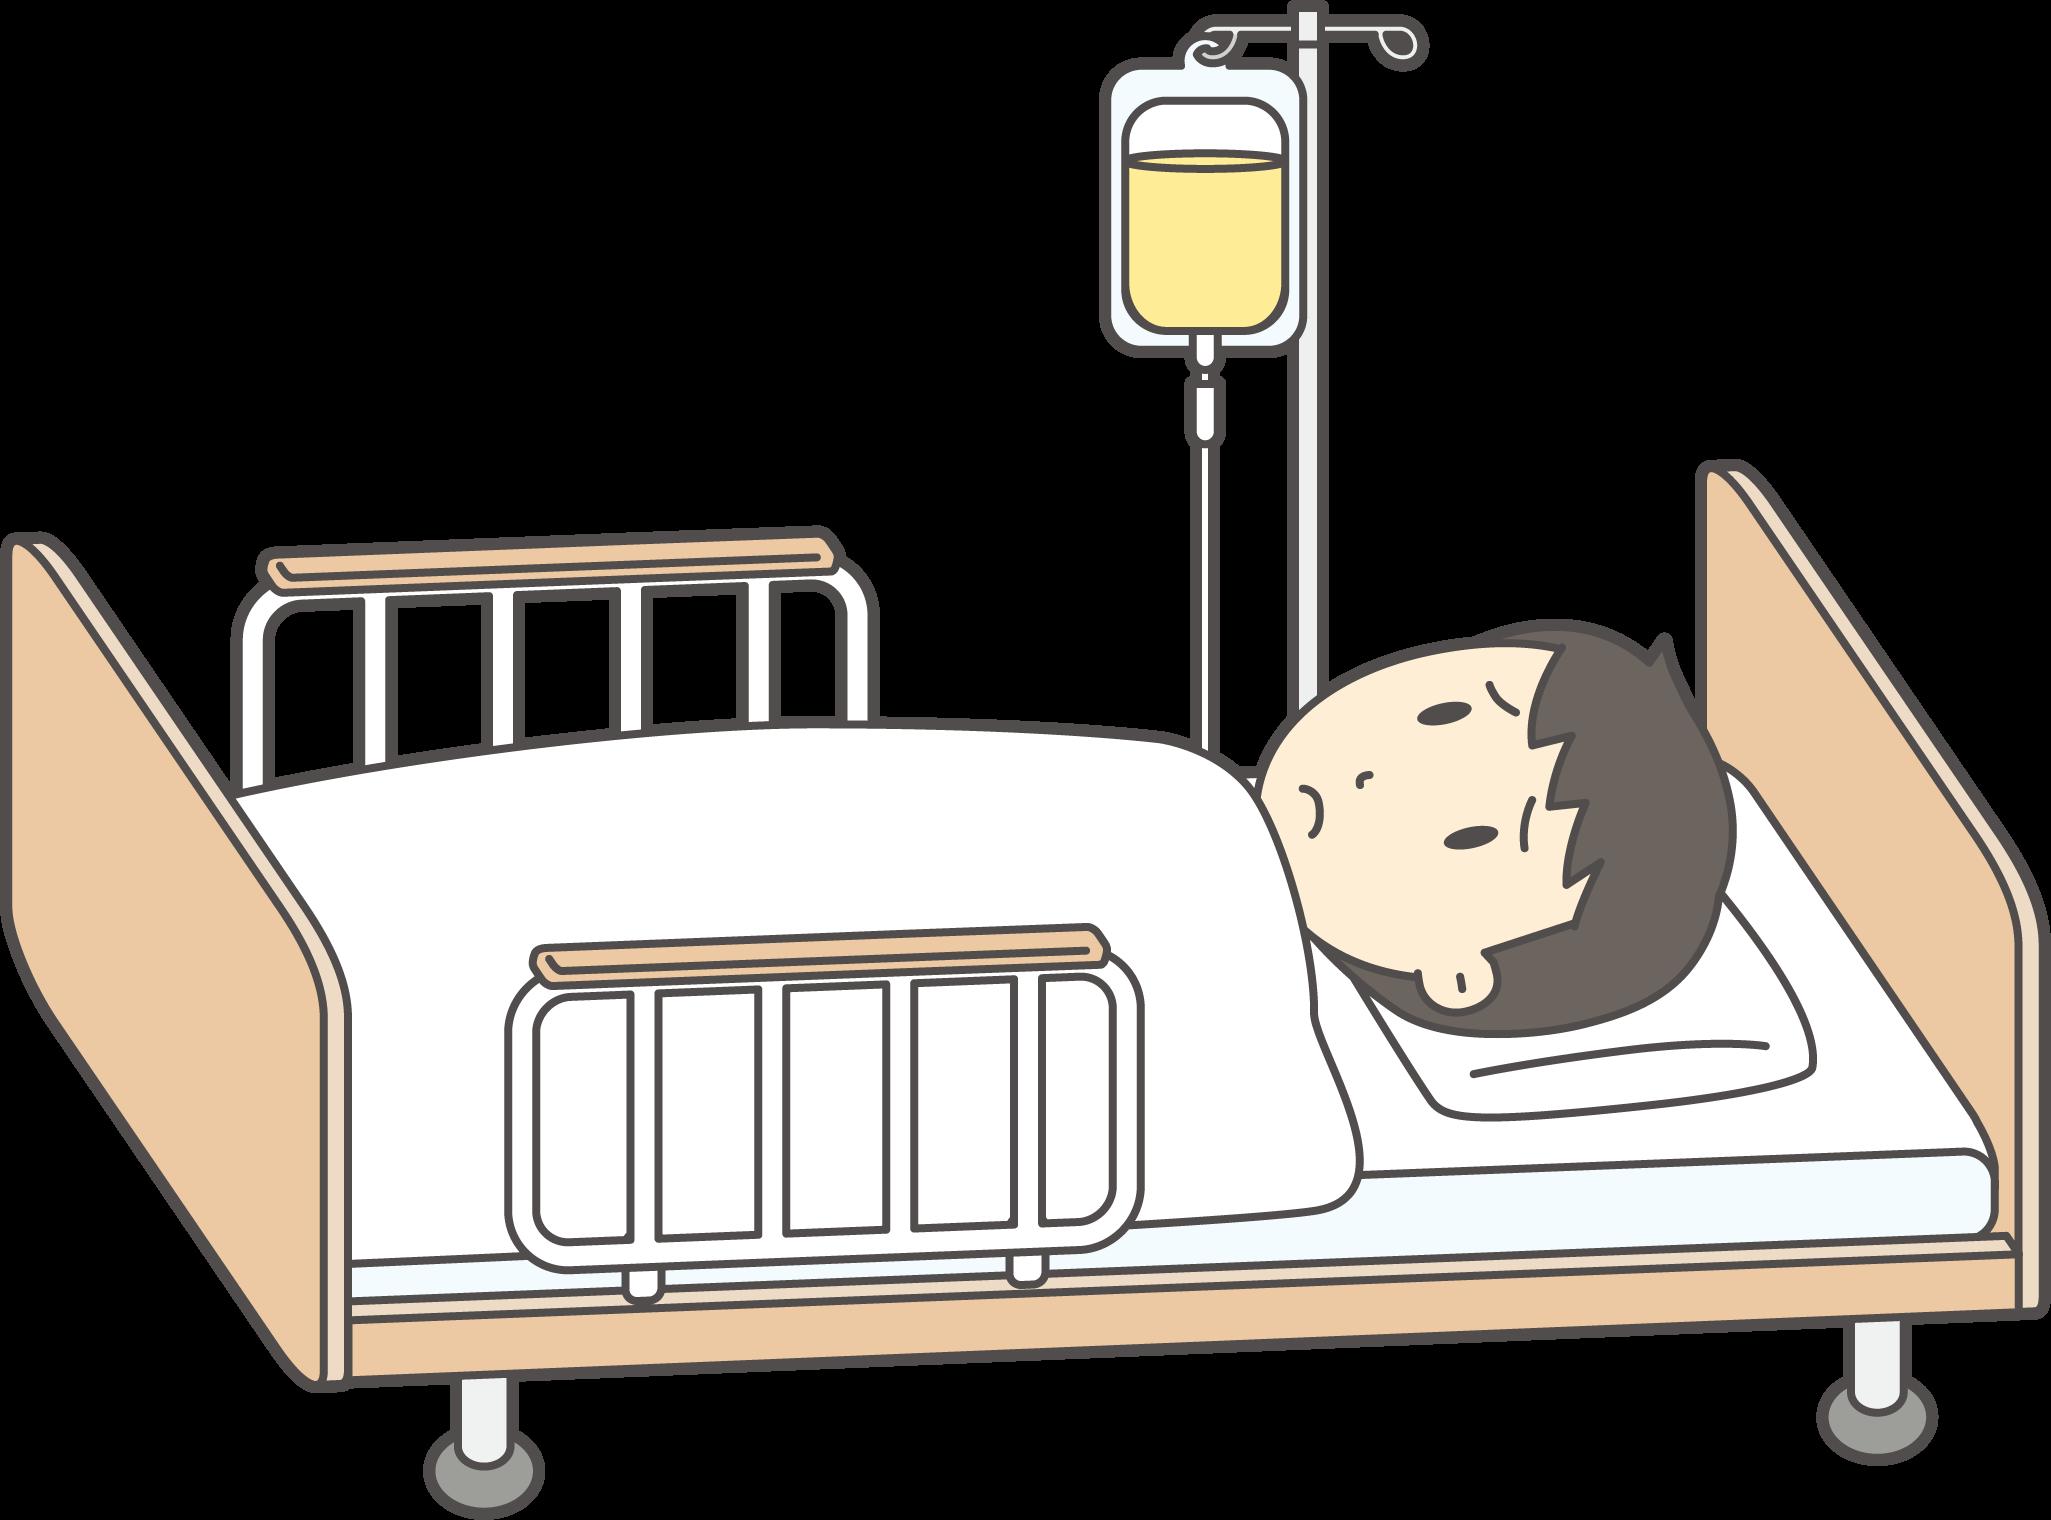 喘息入院時に抗菌薬治療を行うと、治療失敗率は変わらず入院期間が長くなる